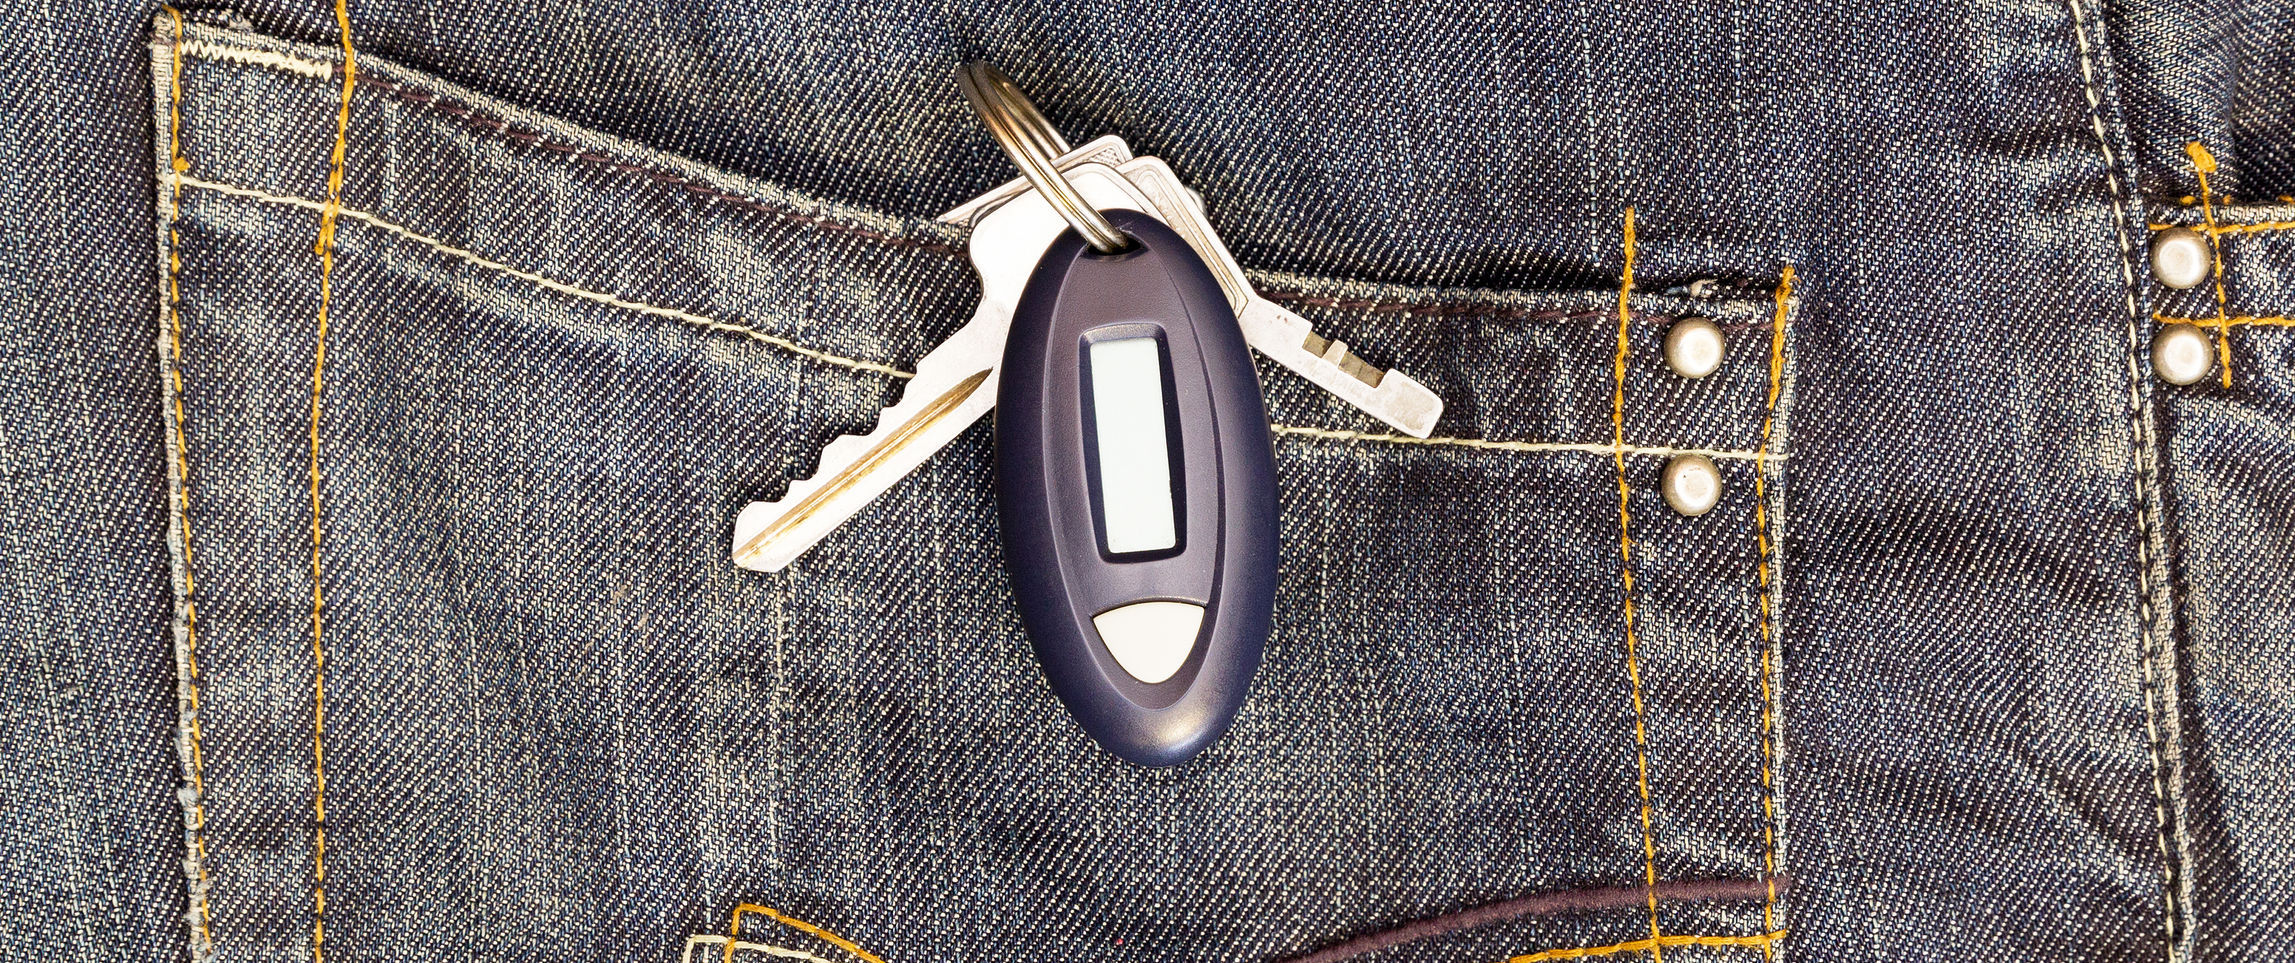 Miglior trova chiavi intelligente 2020: Guida all'acquisto